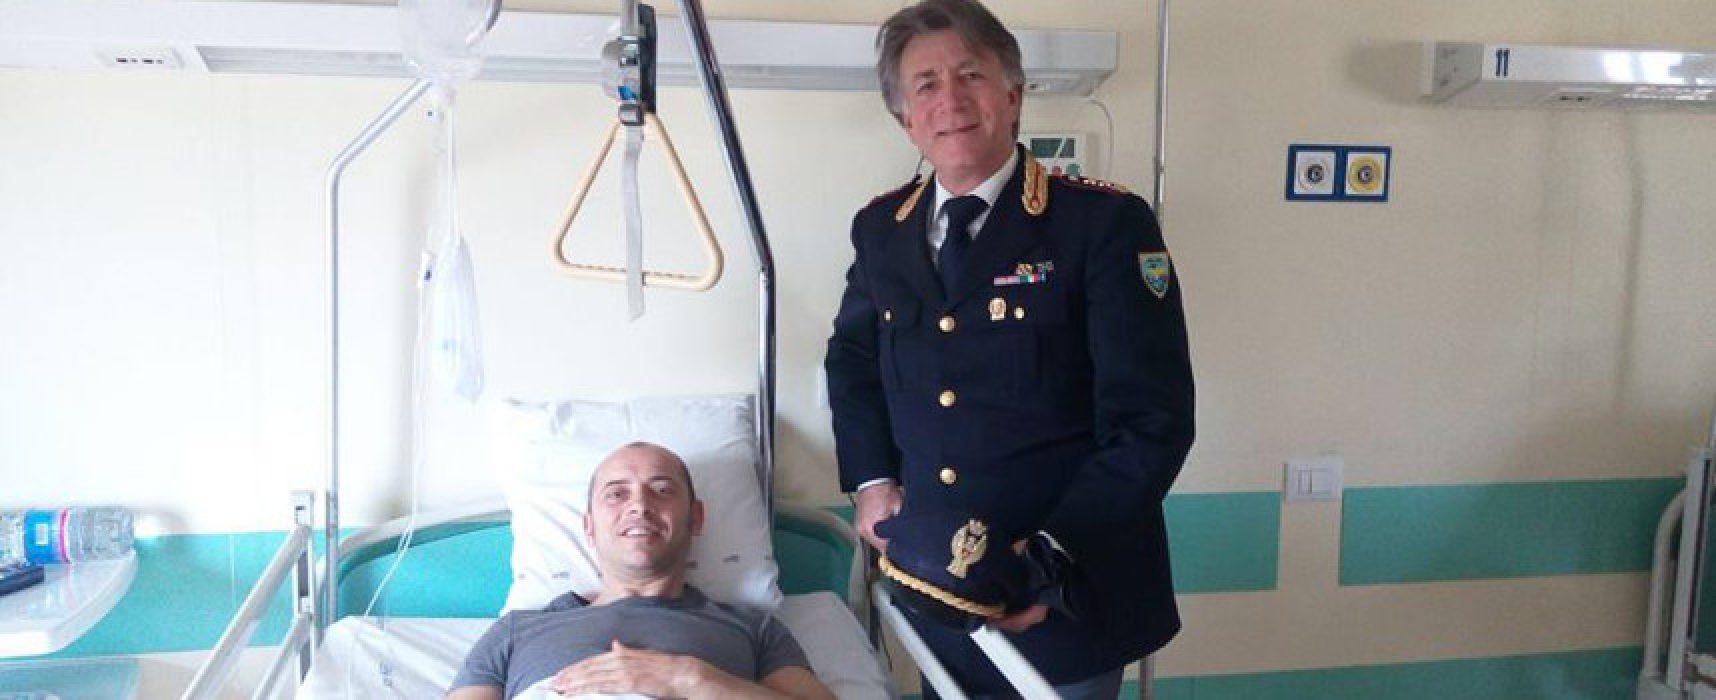 Operato, sta meglio il poliziotto-eroe che ha salvato la bimba a Bisceglie